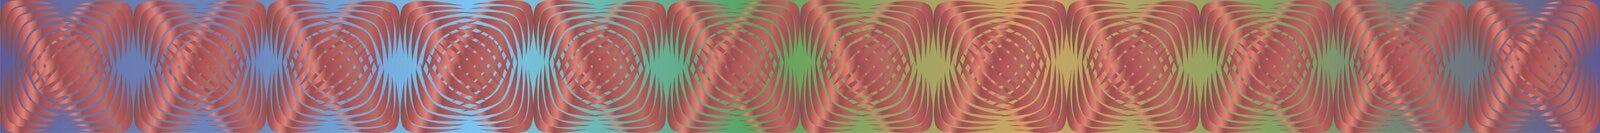 Geometrische patronen met gradiëntvulling 9 royalty-vrije illustratie